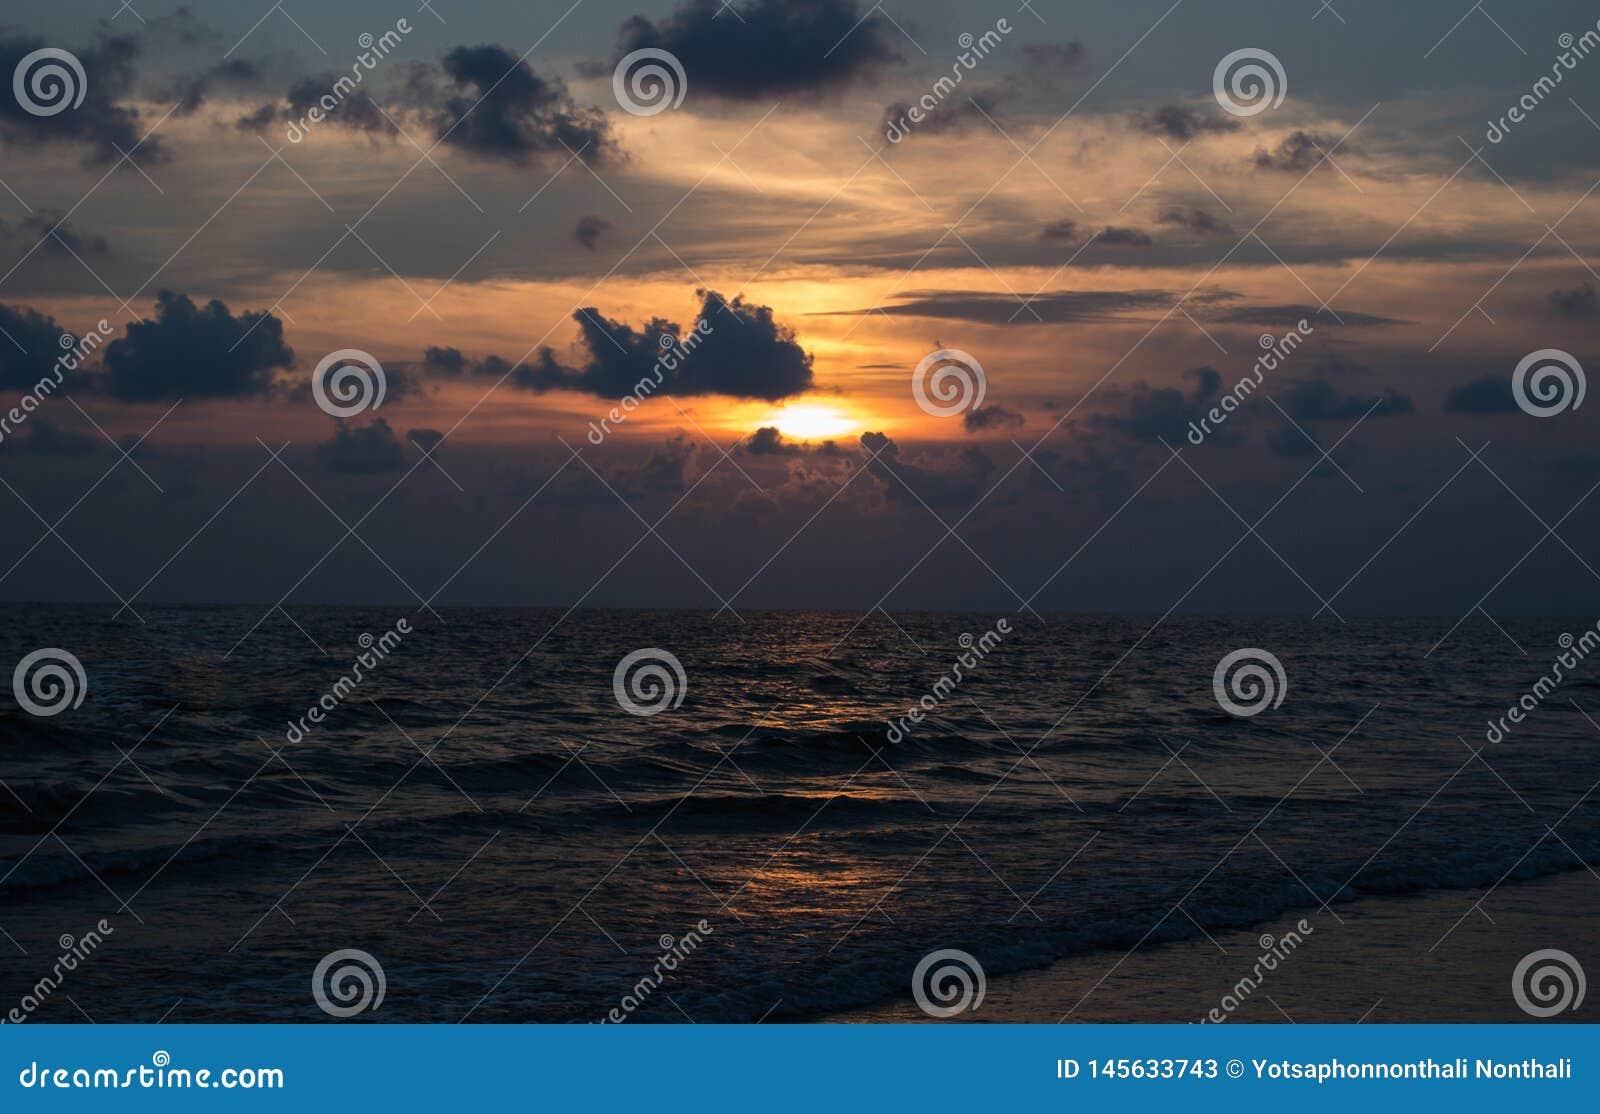 The Sea thailand